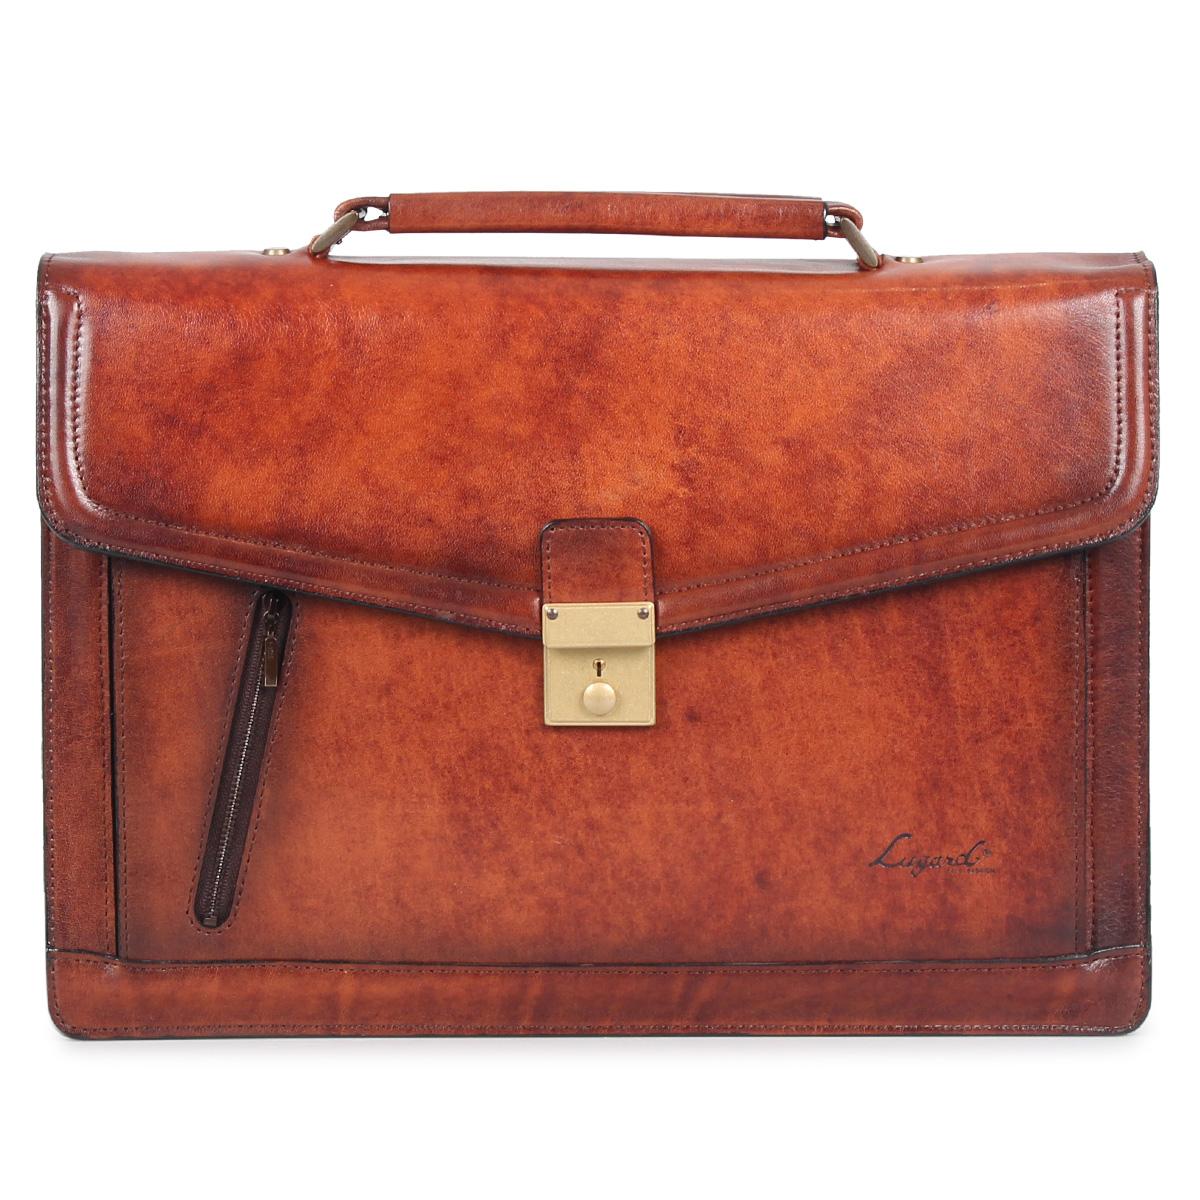 Lugard G3 BUSINESS BAG ラガード 青木鞄 ジースリー バッグ ビジネスバッグ メンズ ブラウン 5219